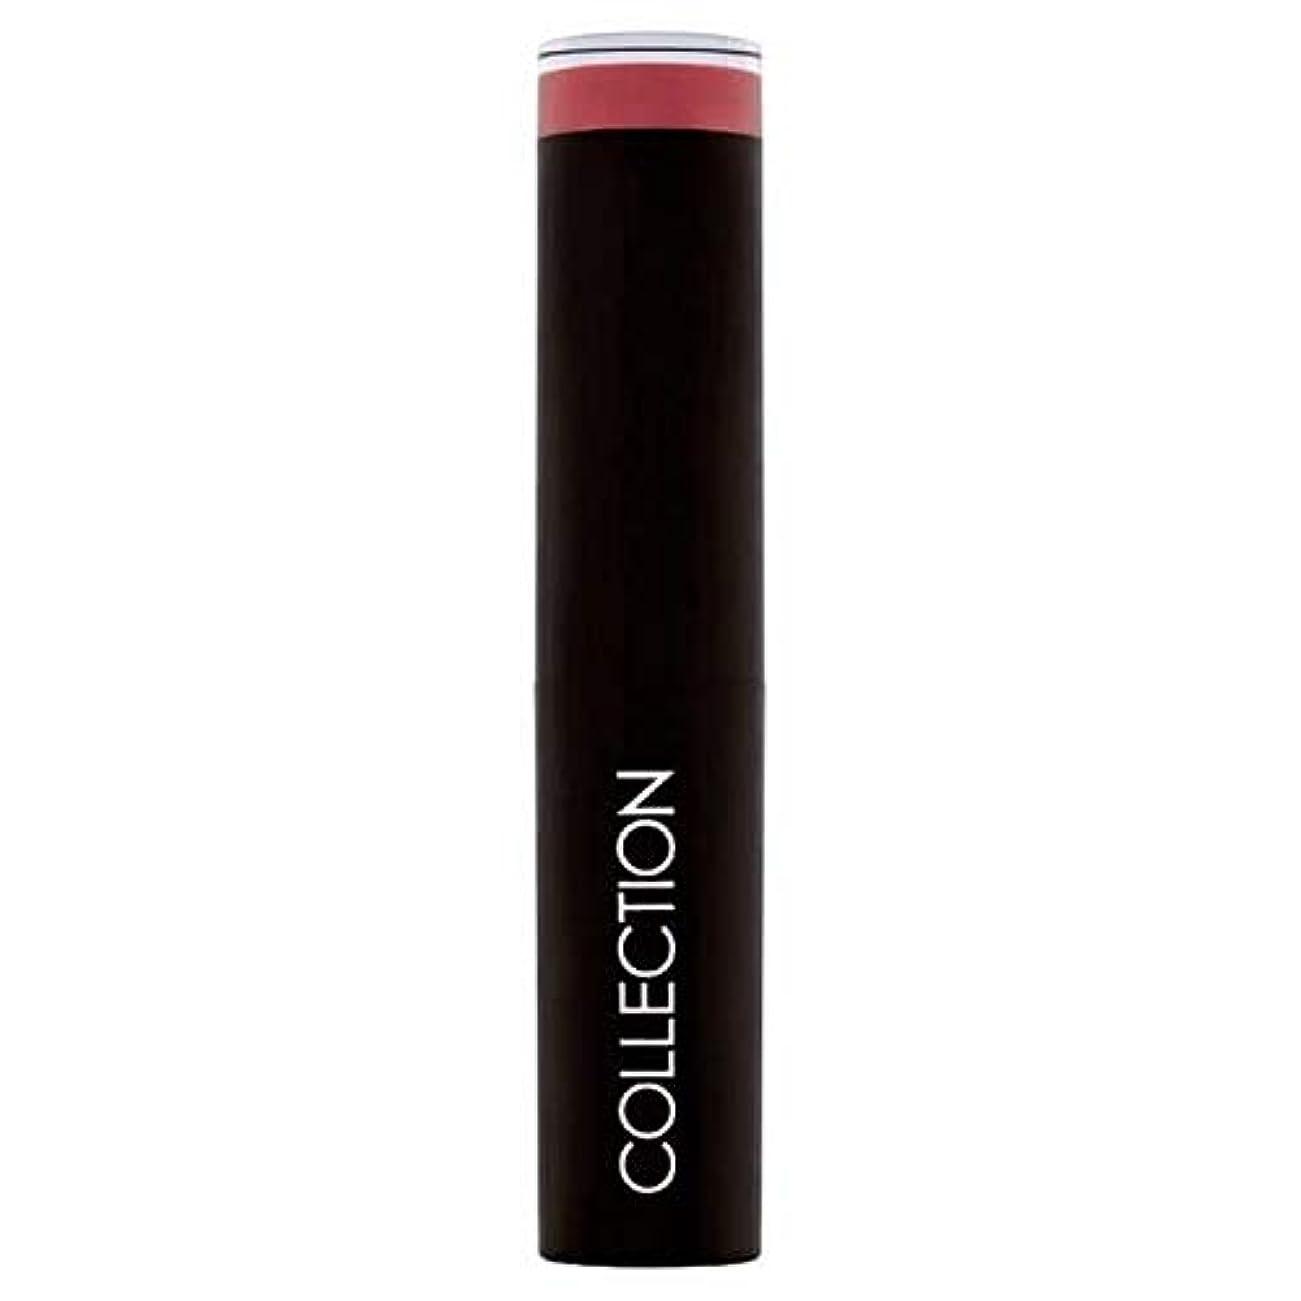 気づくなる持続的百科事典[Collection ] コレクション強烈な輝きゲル口紅破砕梅3 - Collection Intense Shine Gel Lipstick Crushed Plum 3 [並行輸入品]